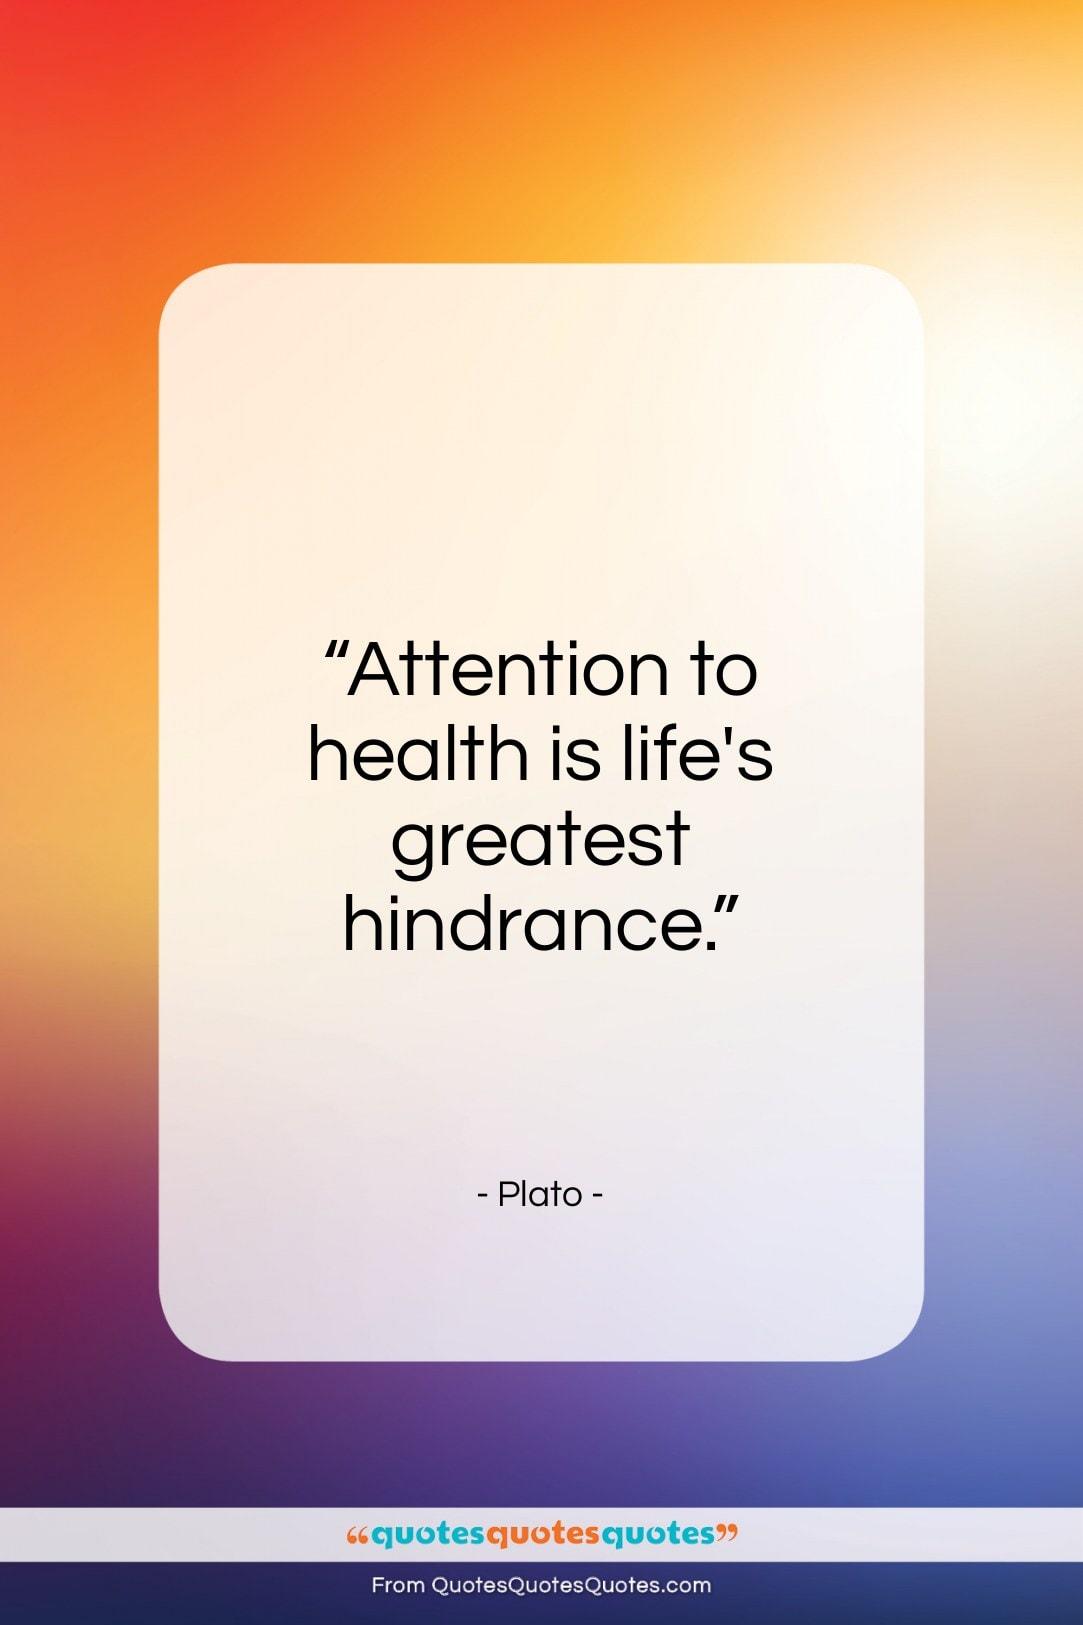 Get the whole Plato quote: \